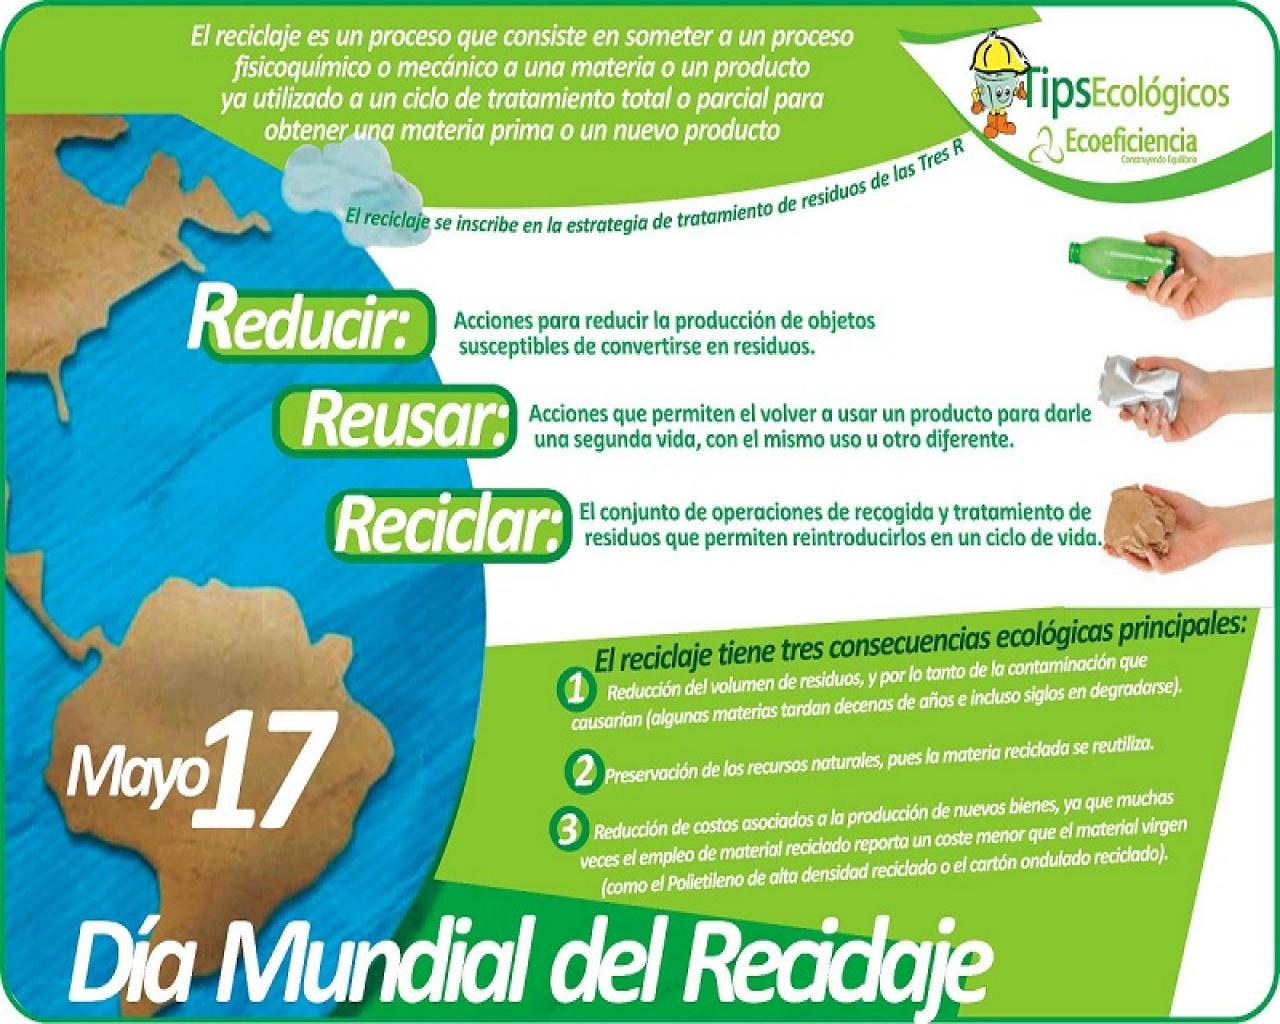 aabcd0_Dia-Mundial-del-Reciclaje-1